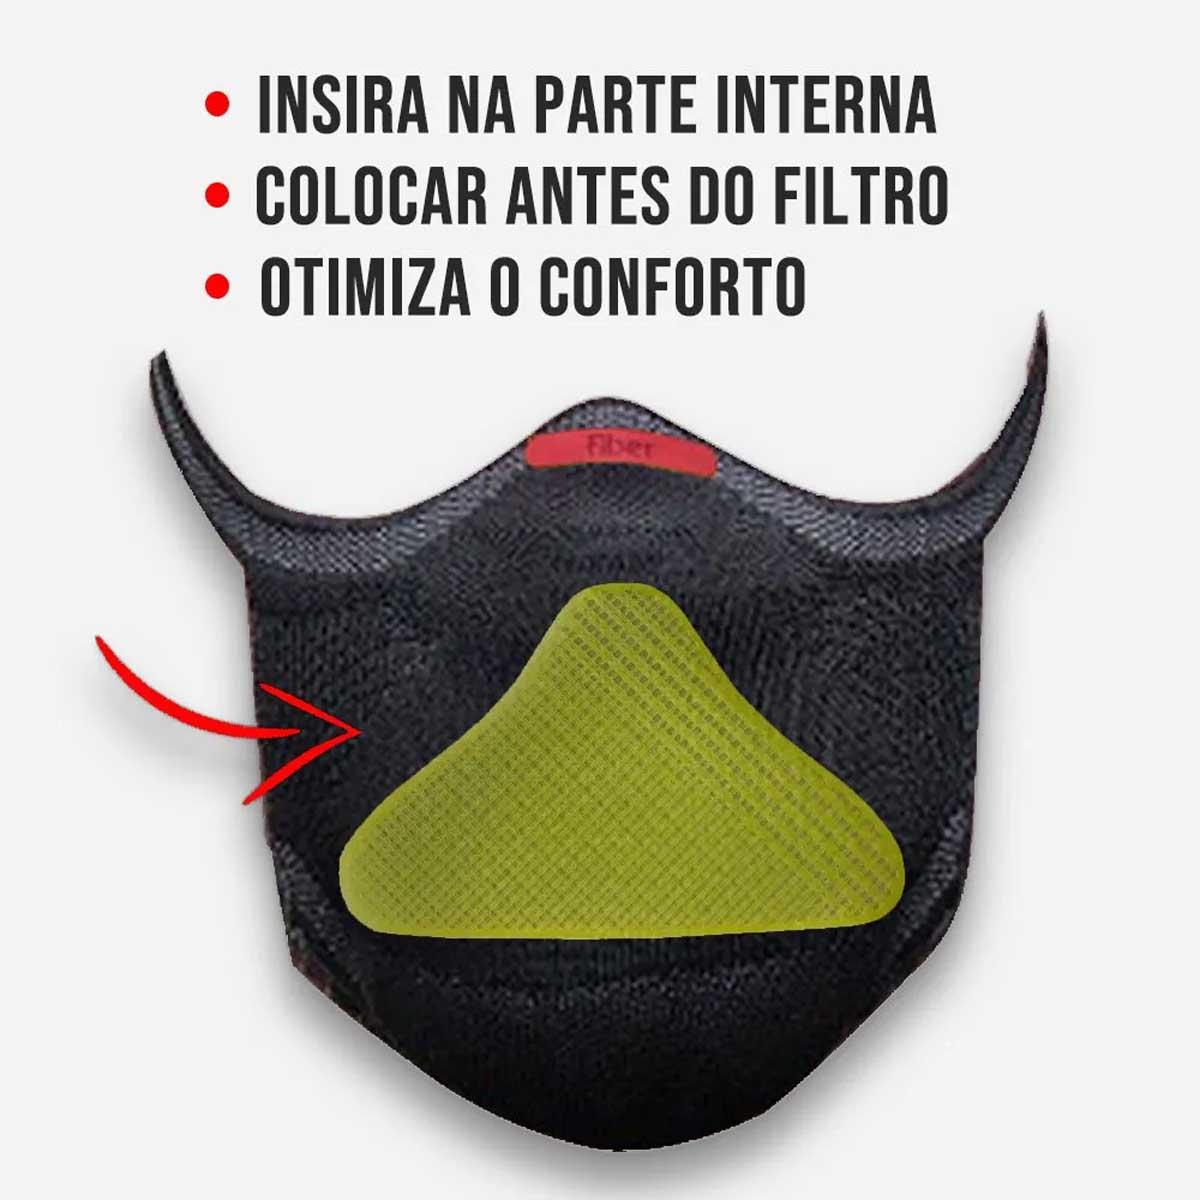 SUPORTE DE FILTRO PARA MASCARA FIBER KNIT